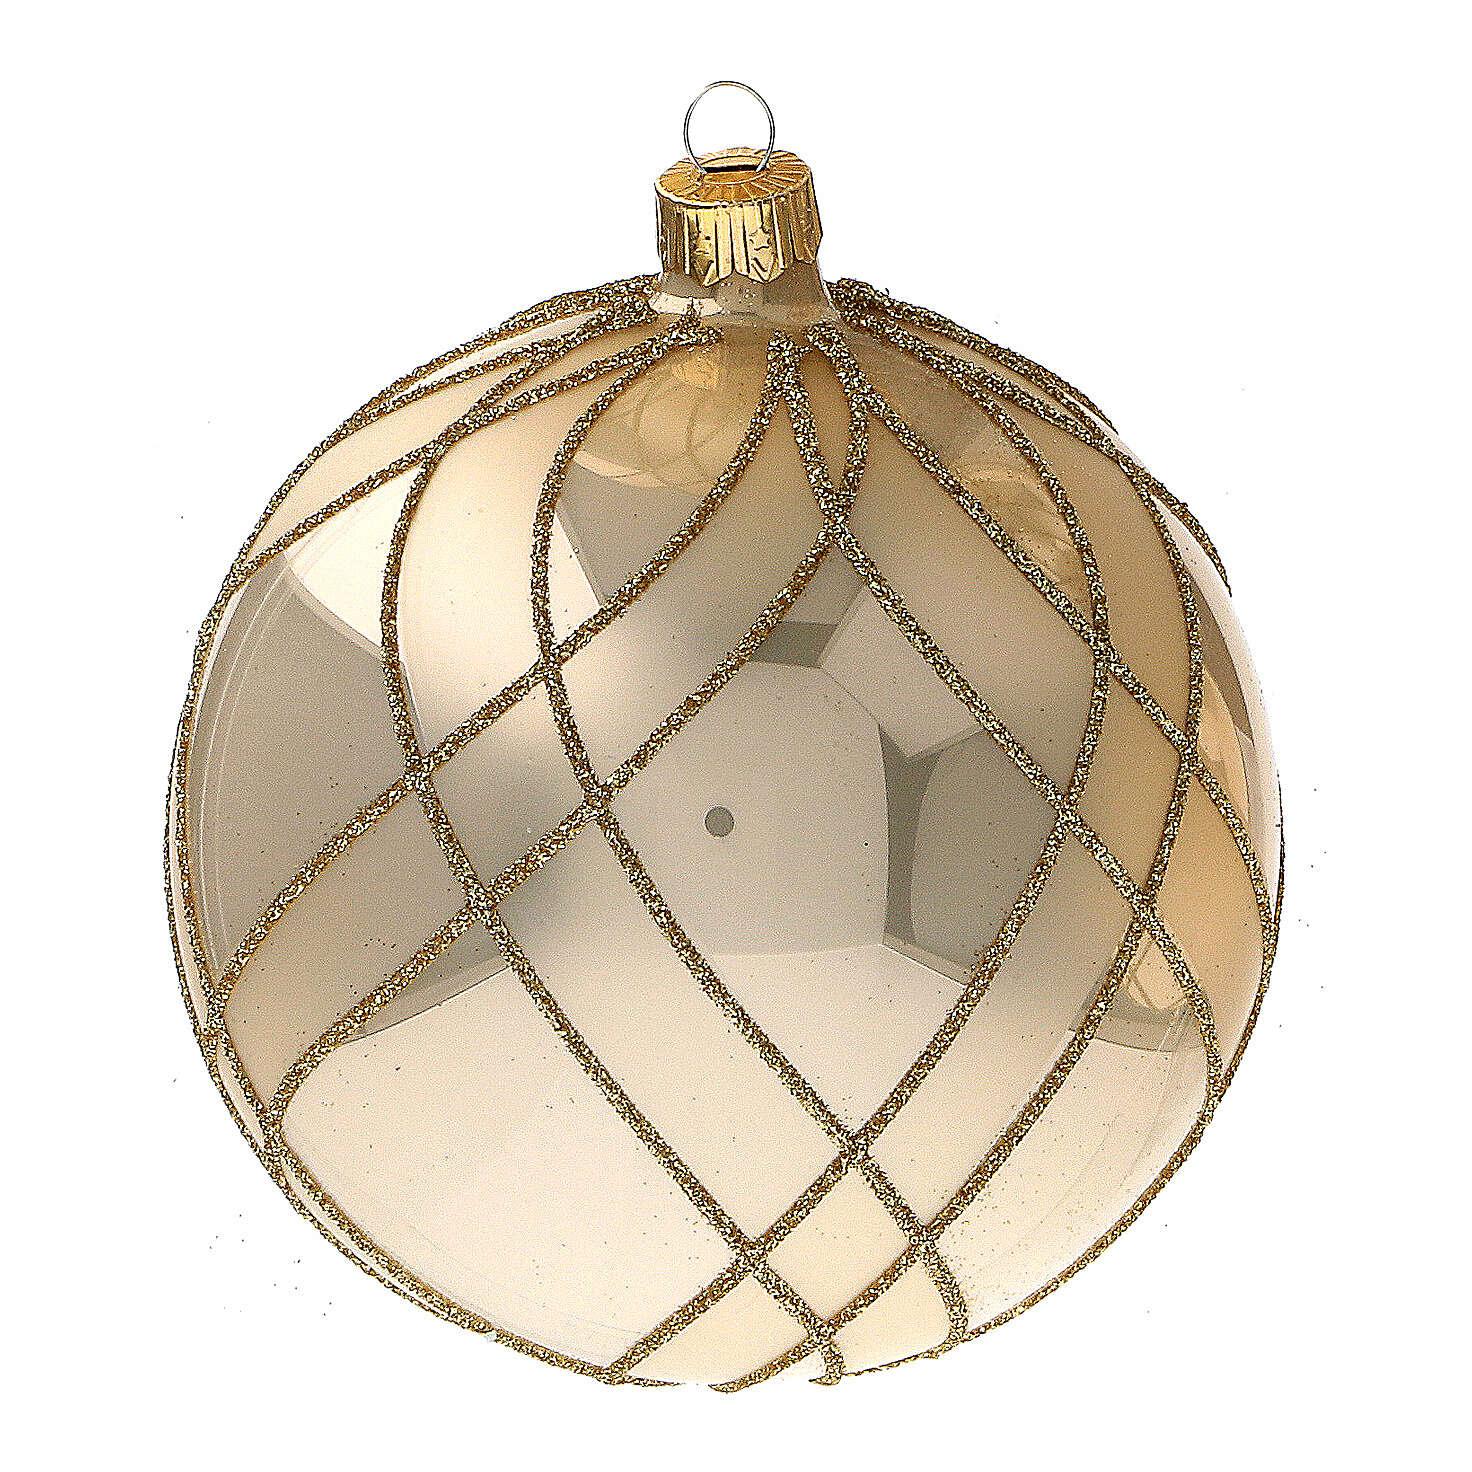 Bola Navidad oro lúcido motivos entrelazados vidrio soplado 100 mm - CONF 4 PIEZAS 4